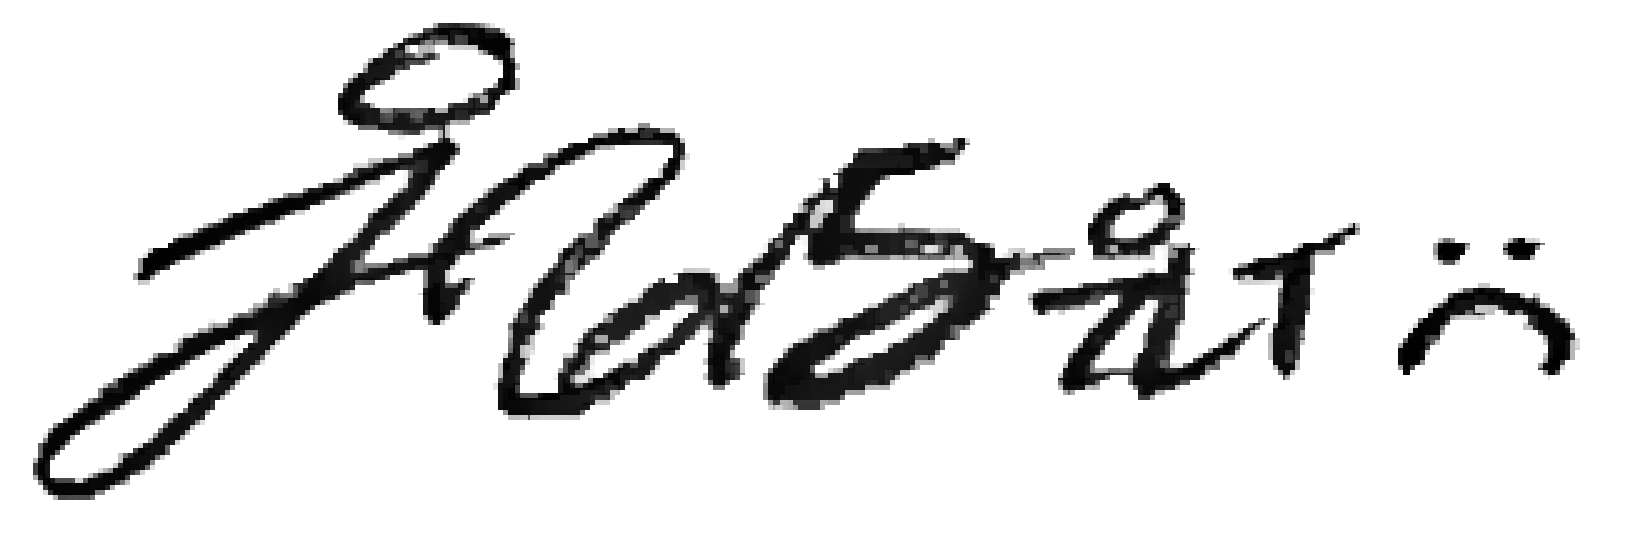 Justin Fleurimond Menard Signature